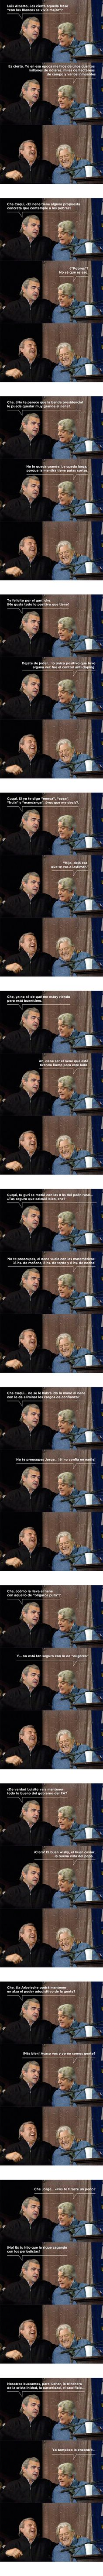 Humor Político Uruguay